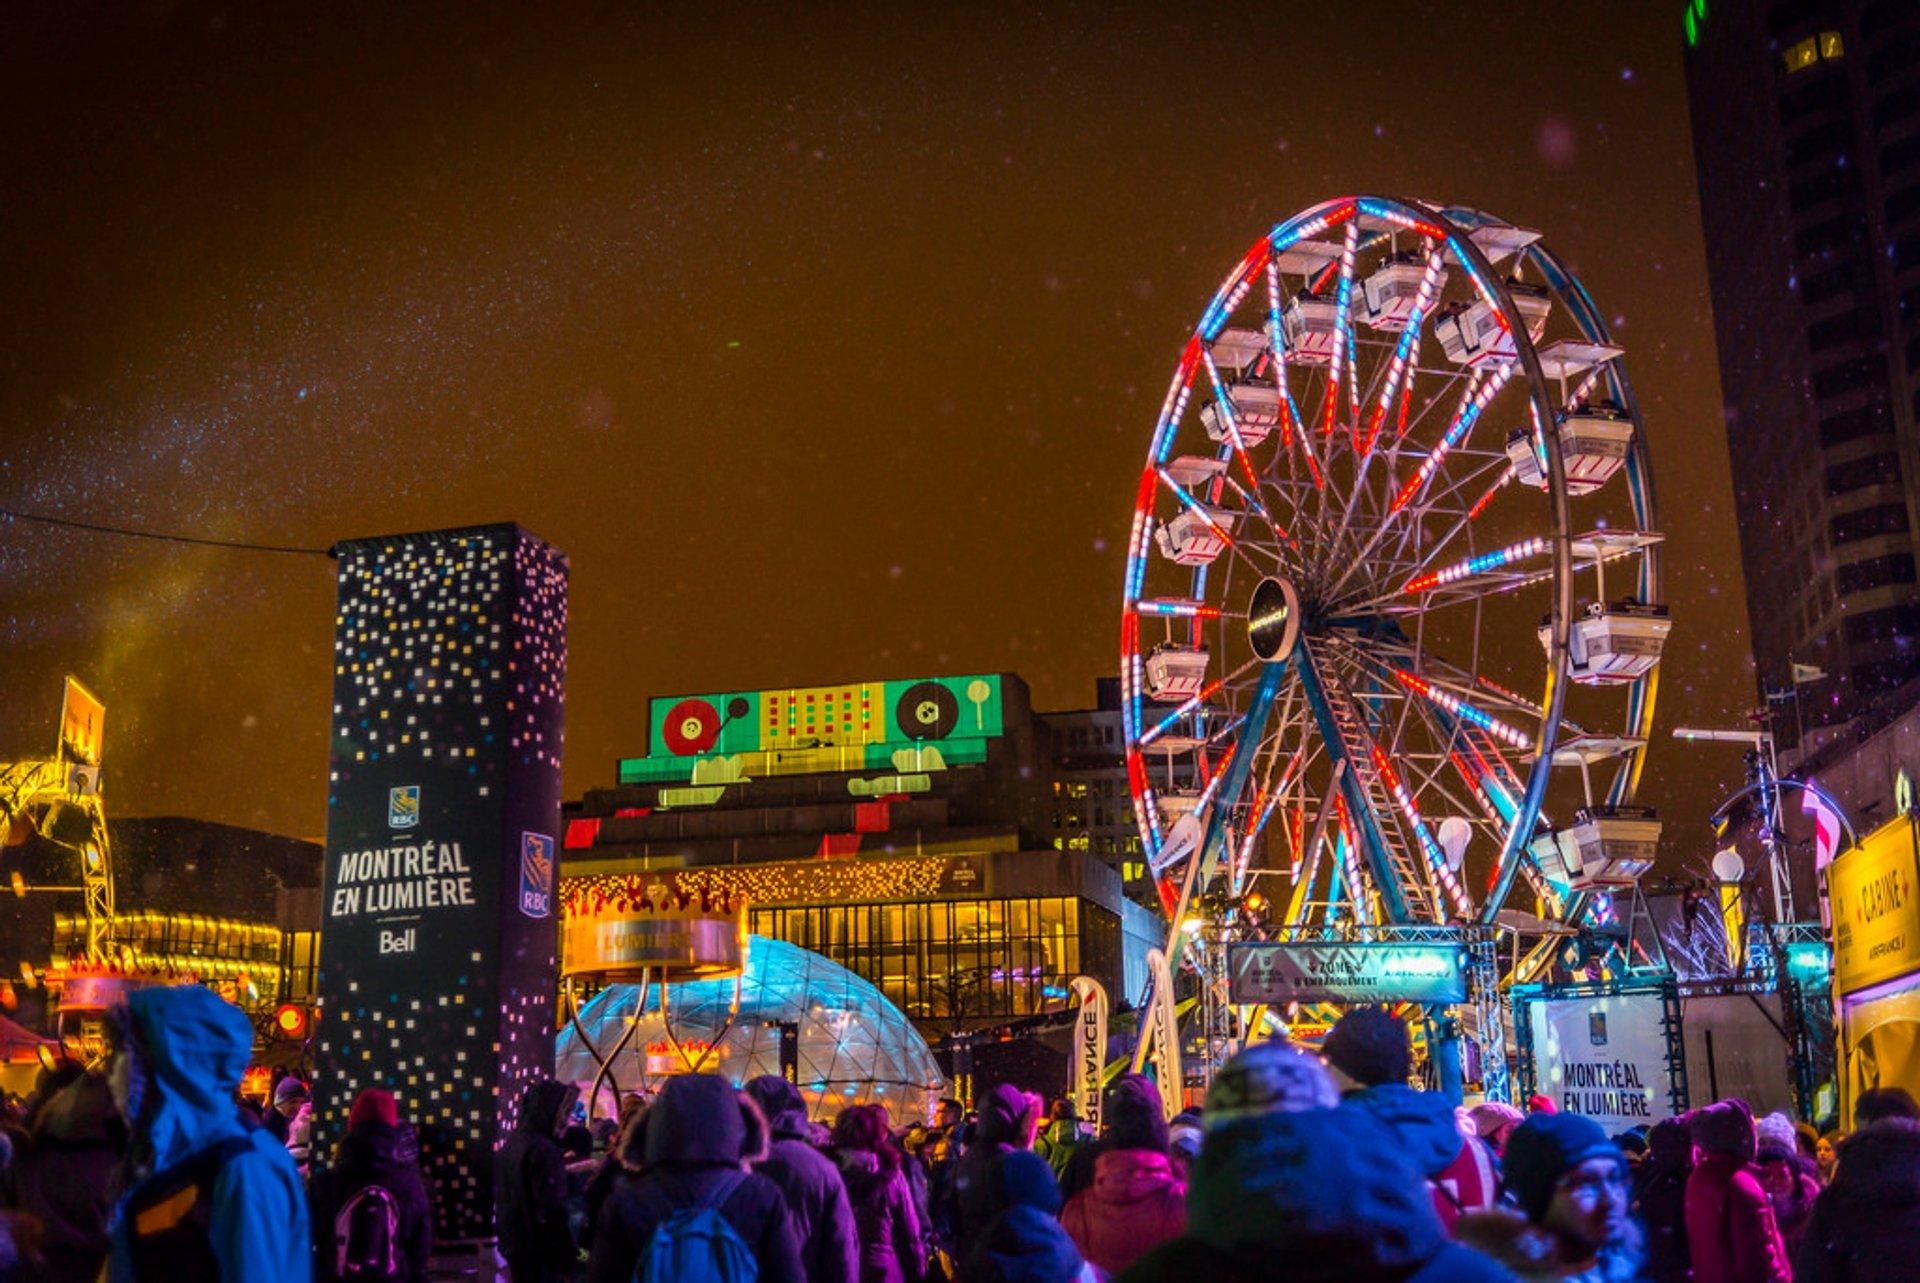 Best time for Montréal en Lumière in Montreal 2020